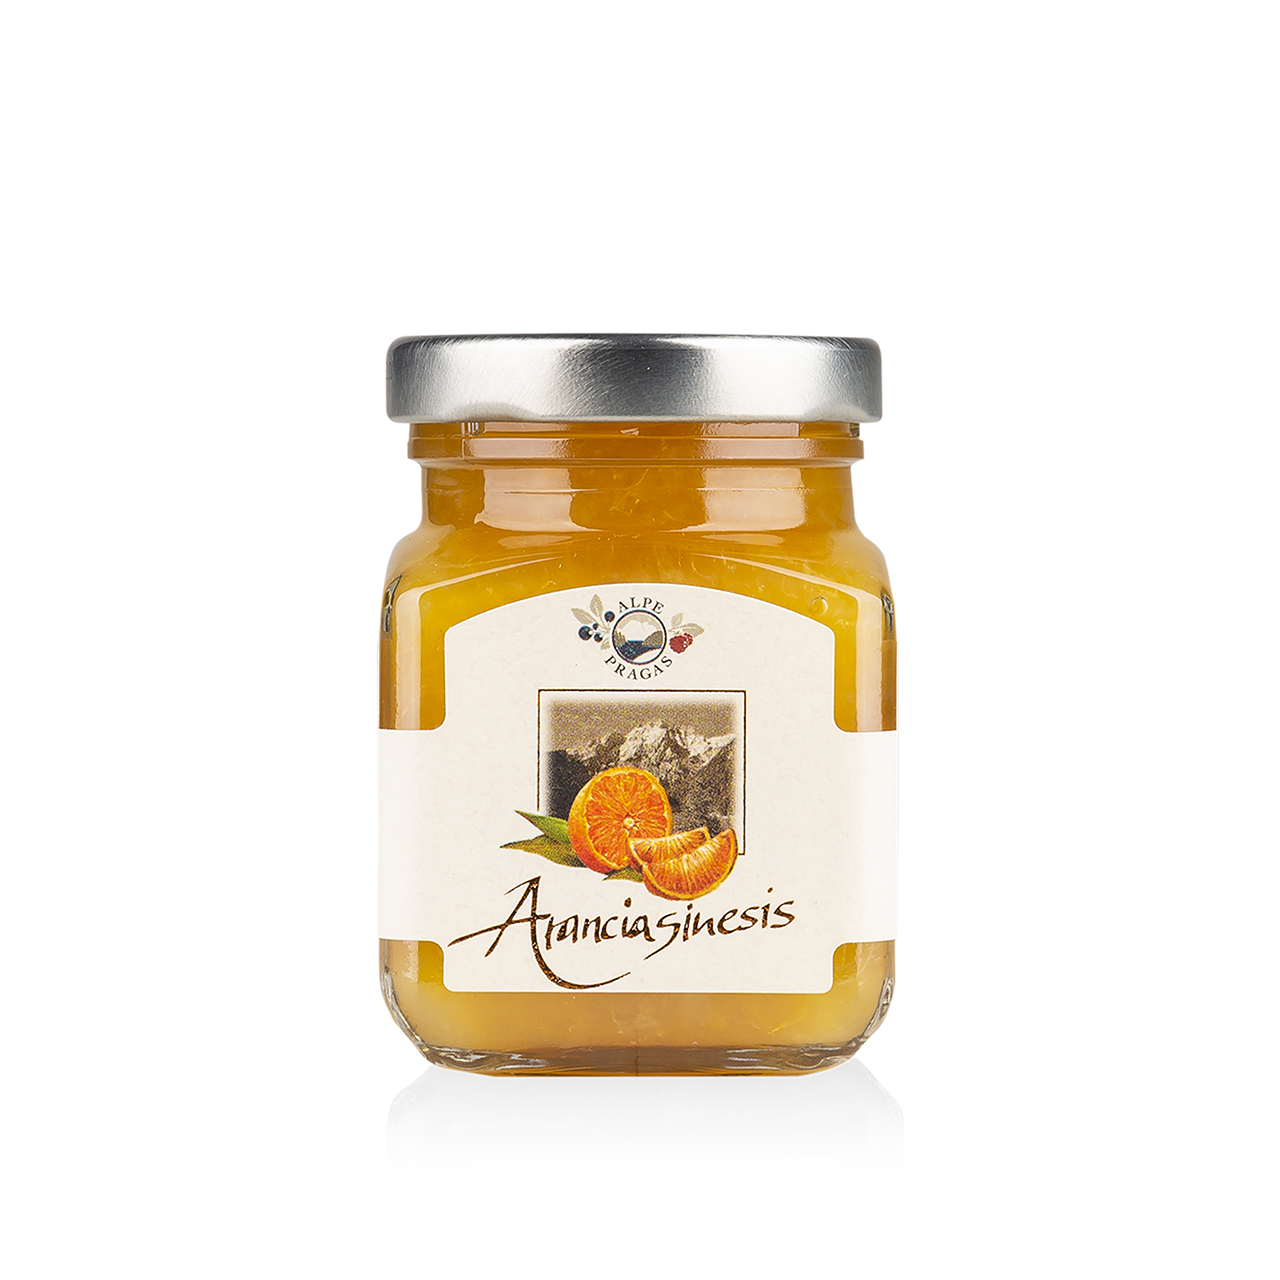 Arancia sinensis Fruchtaufstrich Orange 110g